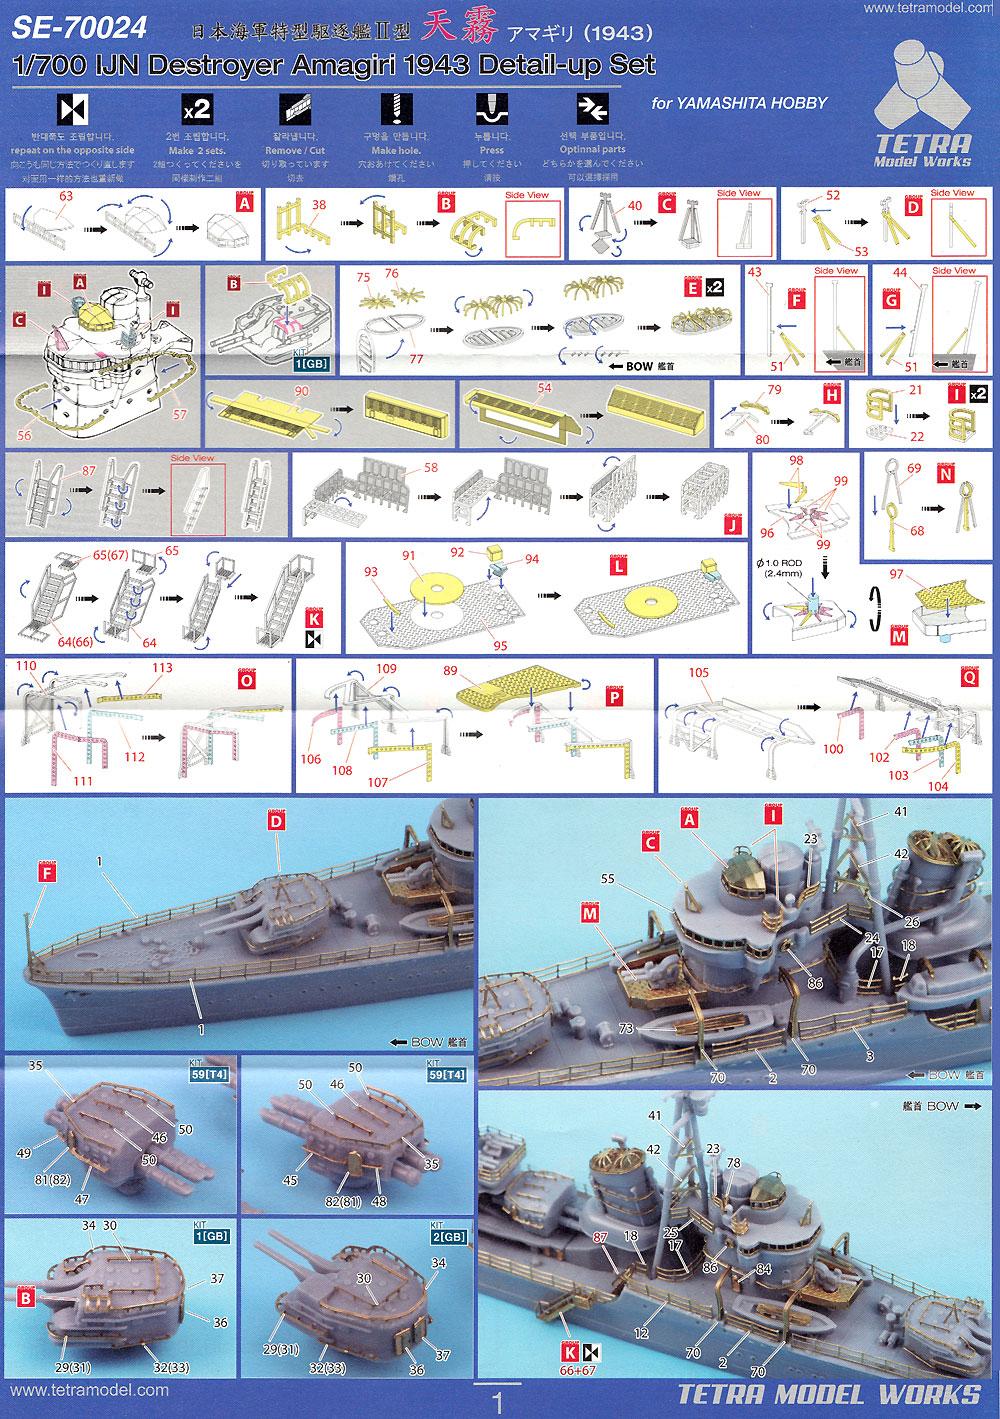 日本海軍 駆逐艦 天霧 1943 ディテールアップセット (ヤマシタホビー用)エッチング(テトラモデルワークス艦船 エッチングパーツNo.SE-70024)商品画像_2